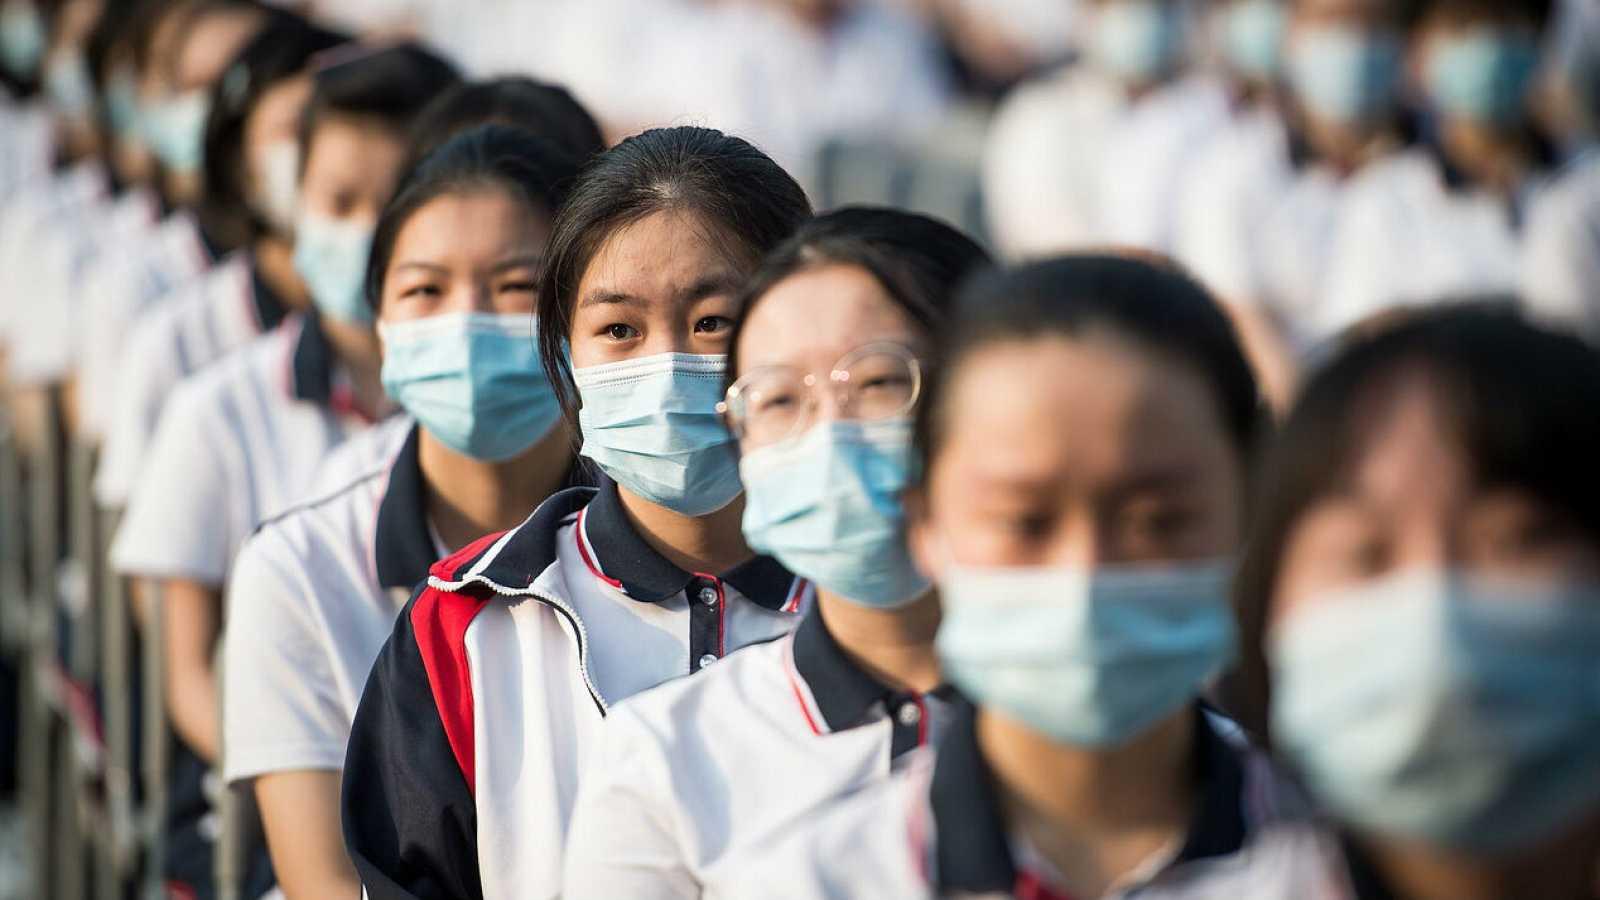 Estudiantes de la escuela secundaria de Wuhan con mascarillas se sientan mientras asisten a la ceremonia del nuevo semestre de otoño en Wuhan, provincia de Hubei, China.